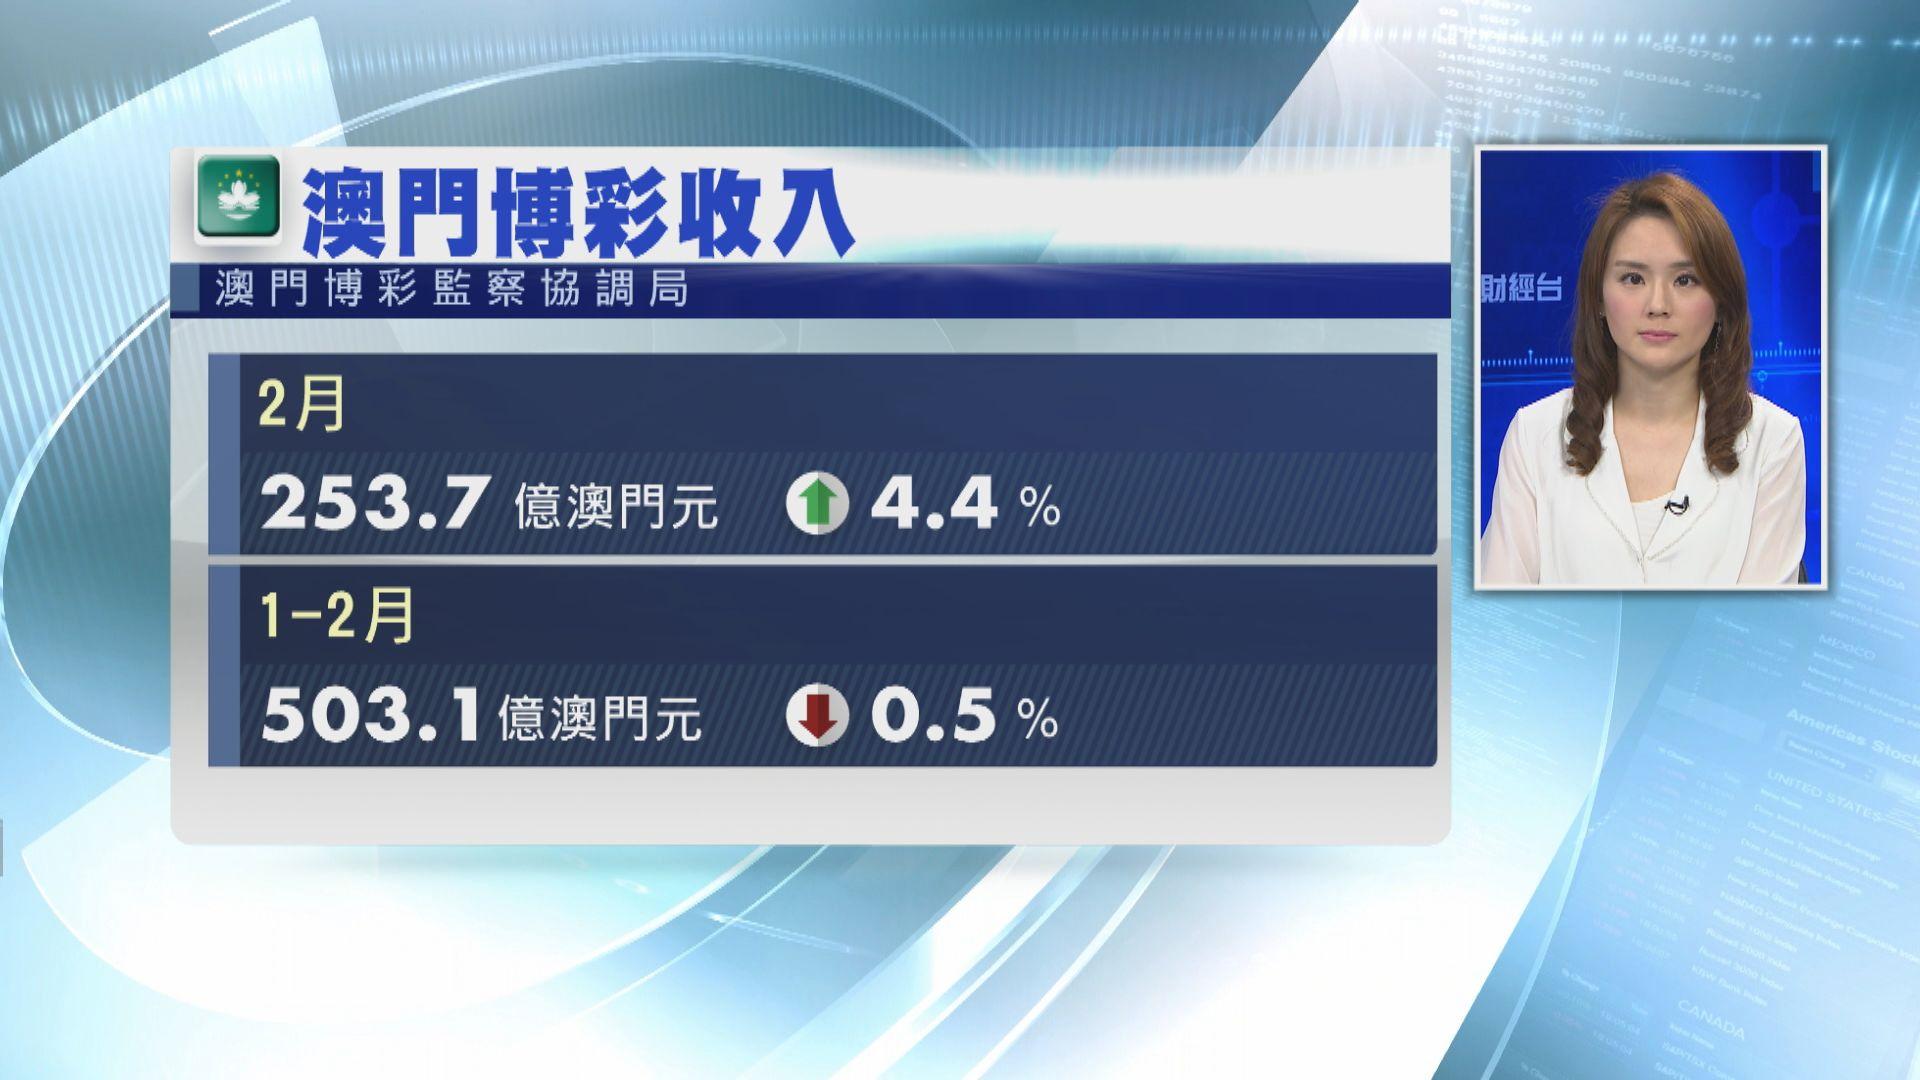 【低於預期】澳門2月博彩收入增4.4%